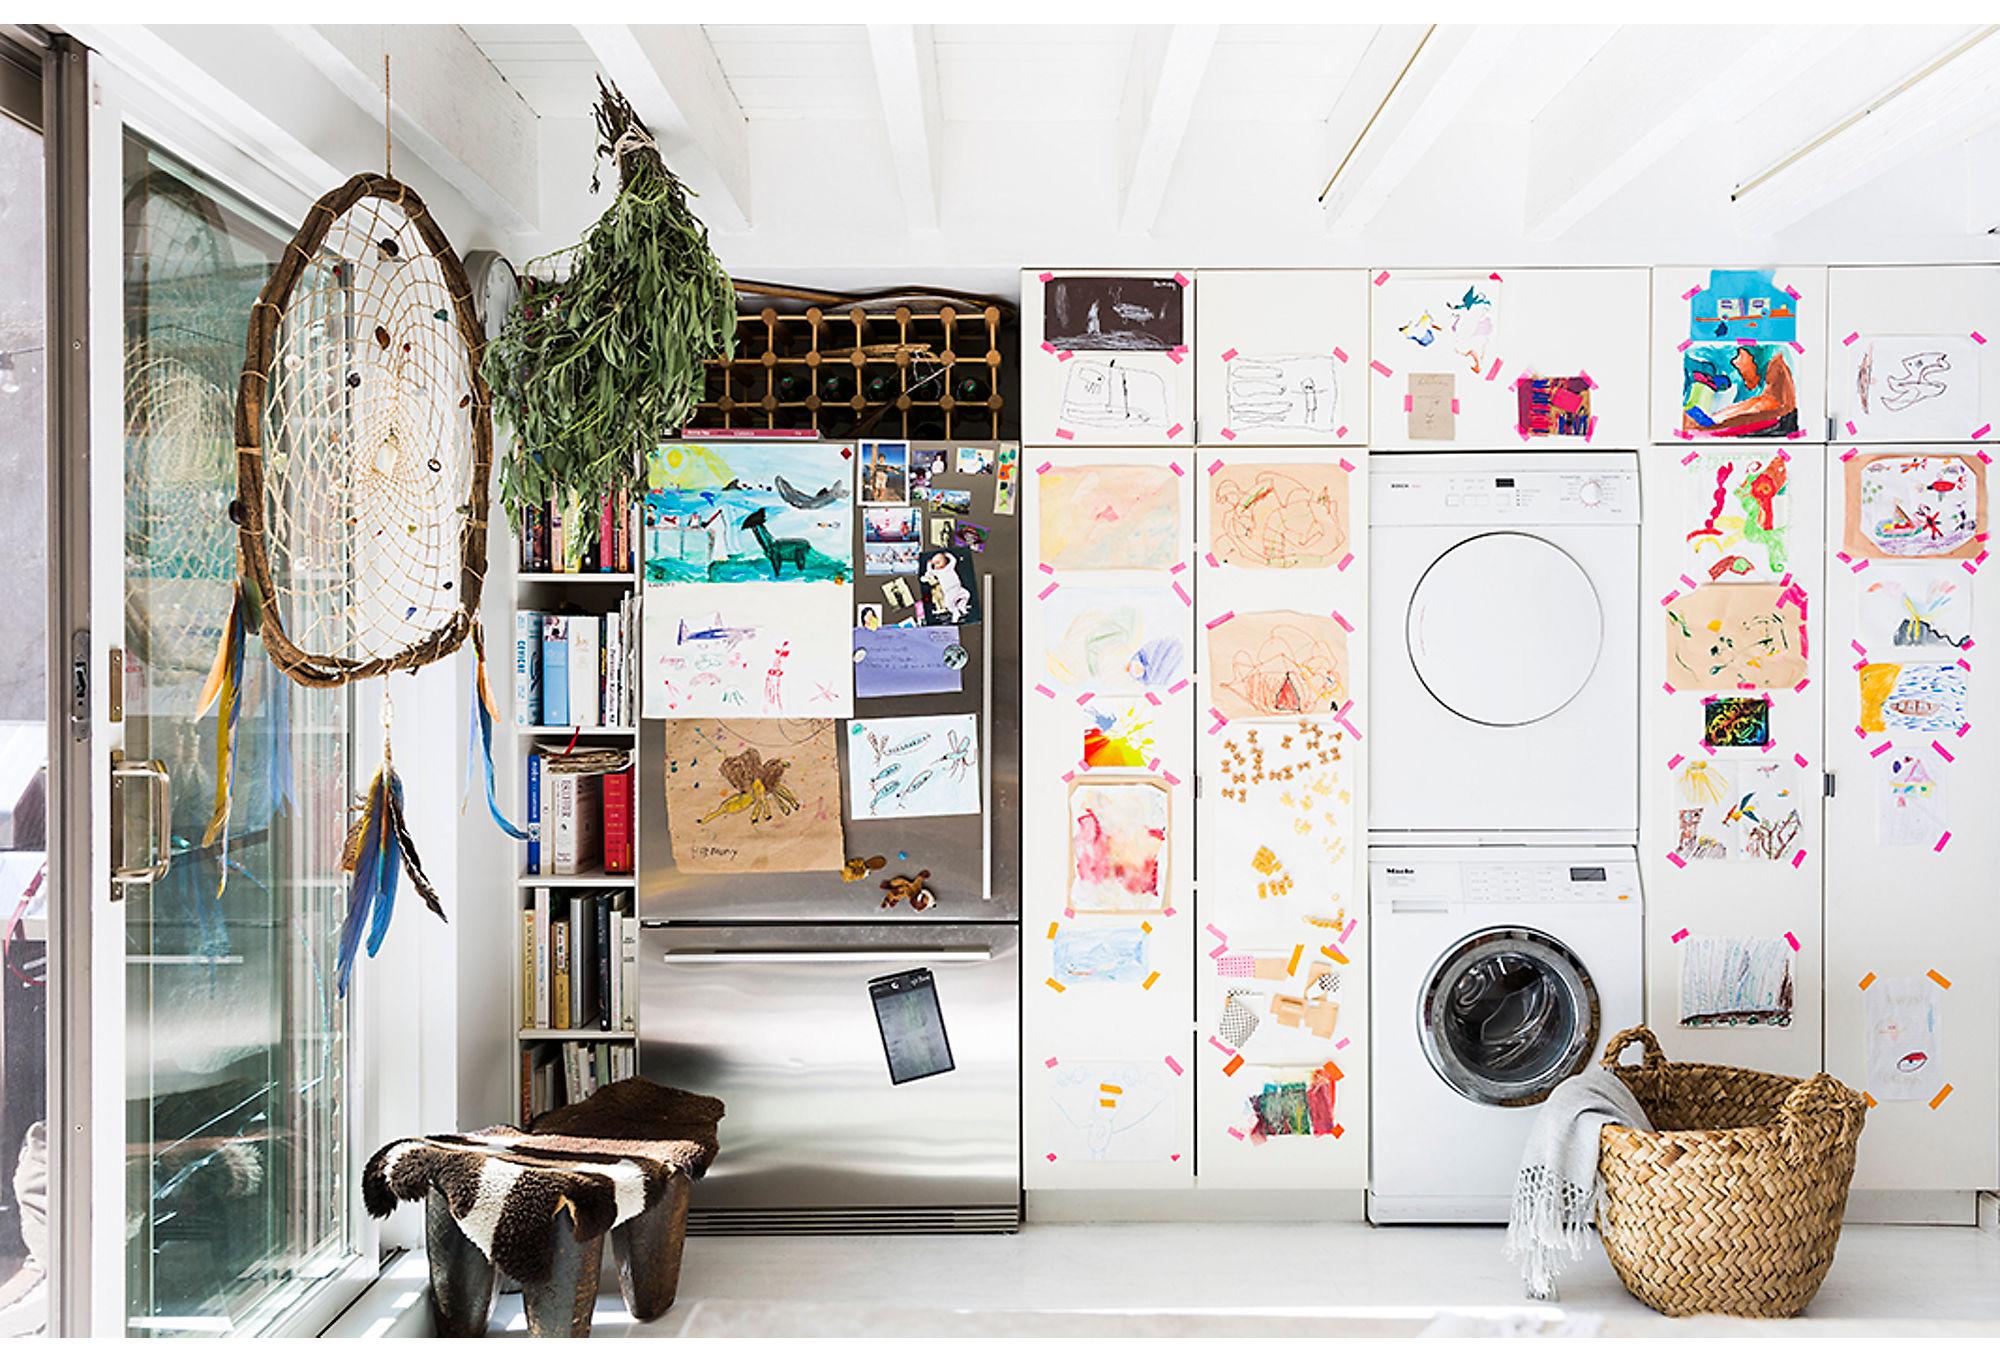 кухонные шкафы холодильник стиральная сушильная машина корзина детские рисунки